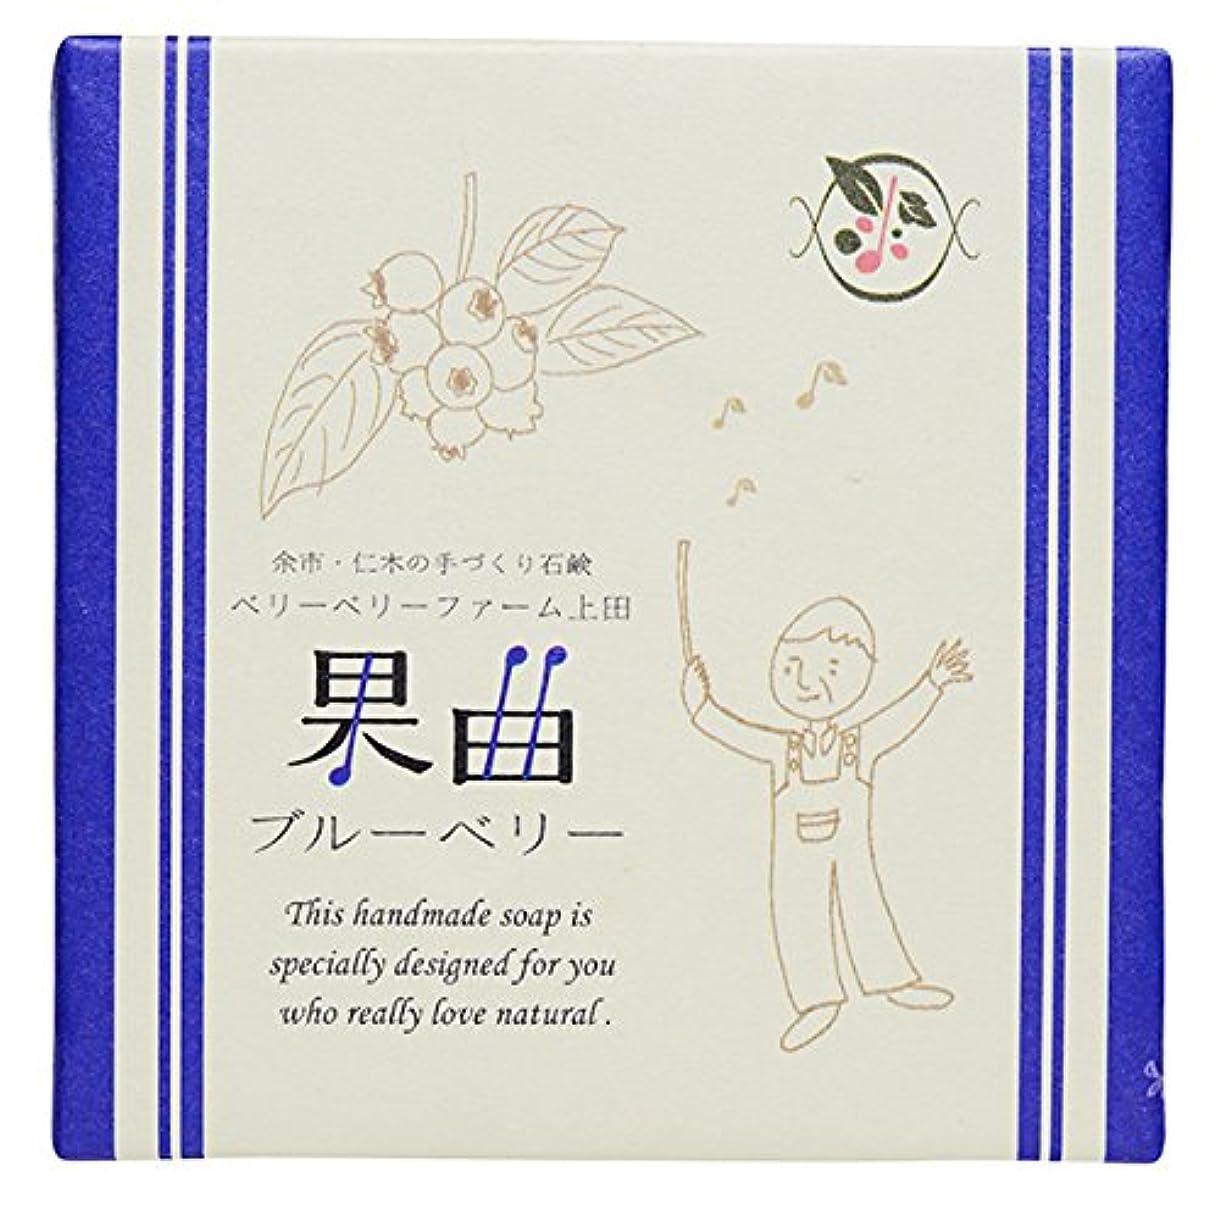 リハーサル遊び場労苦余市町仁木のベリーベリーファーム上田との共同開発 果曲(ブルーベリー)純練り石鹸